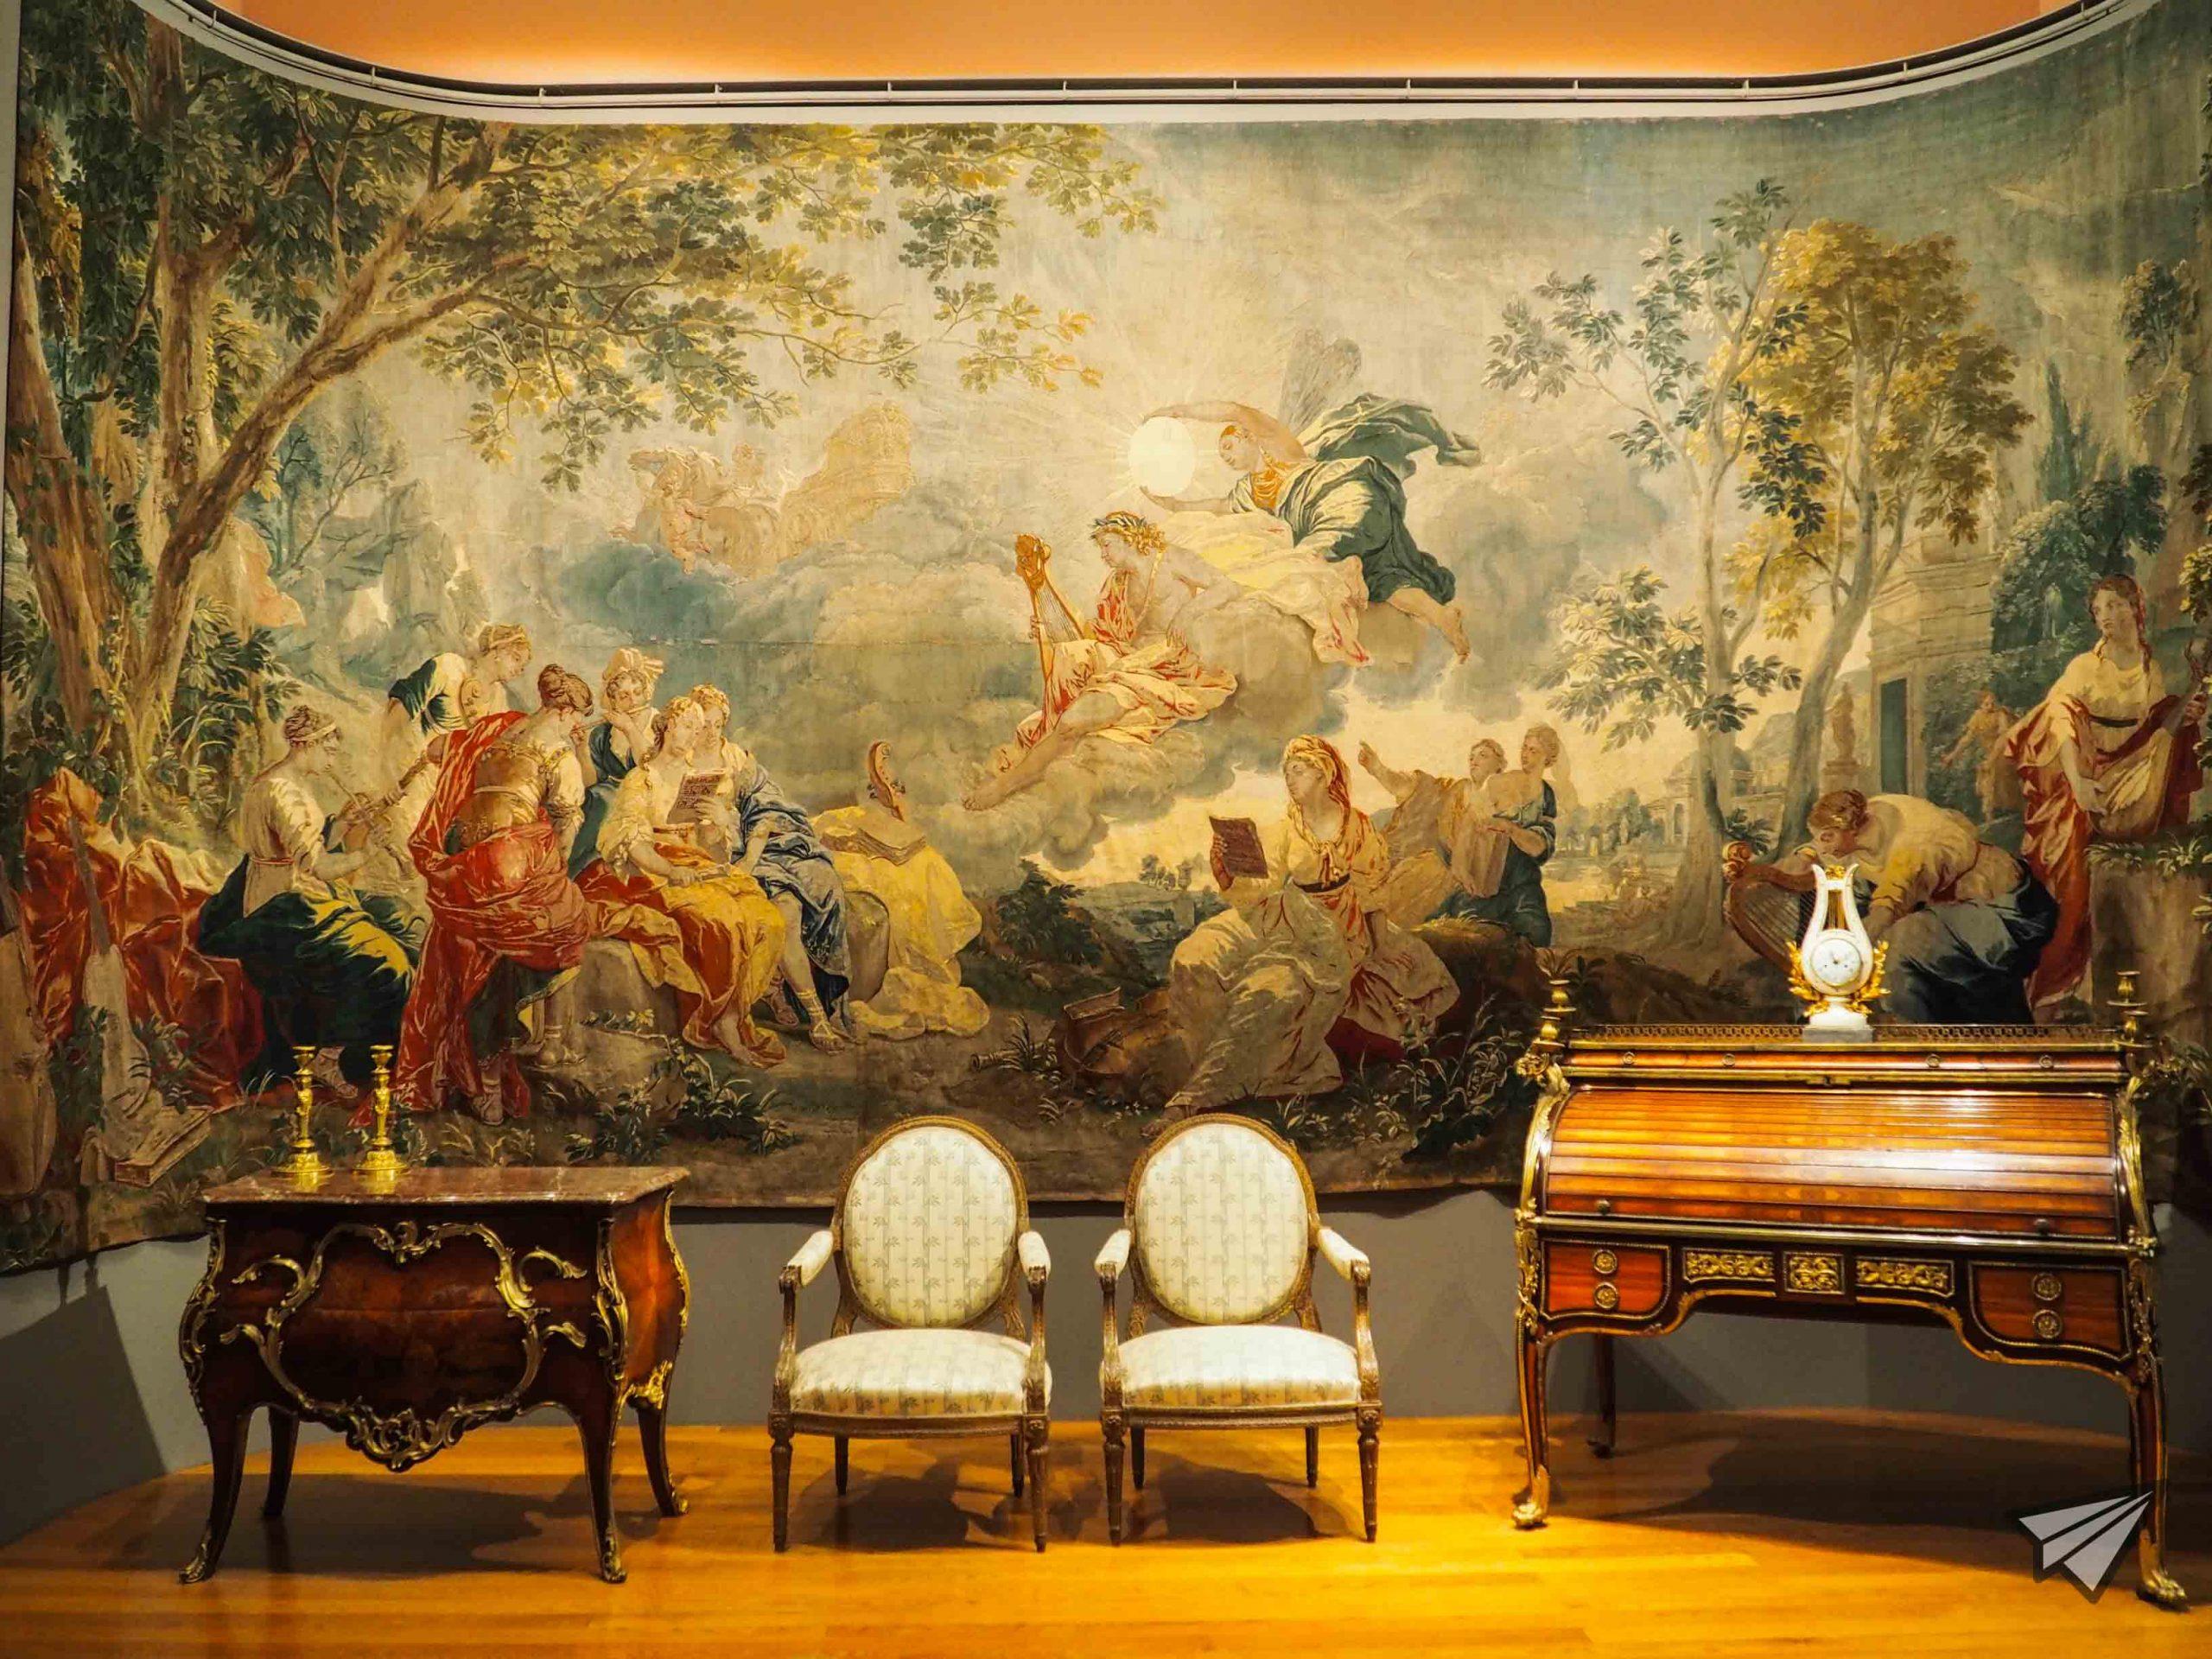 Museu Nacional de Arte Antigua room